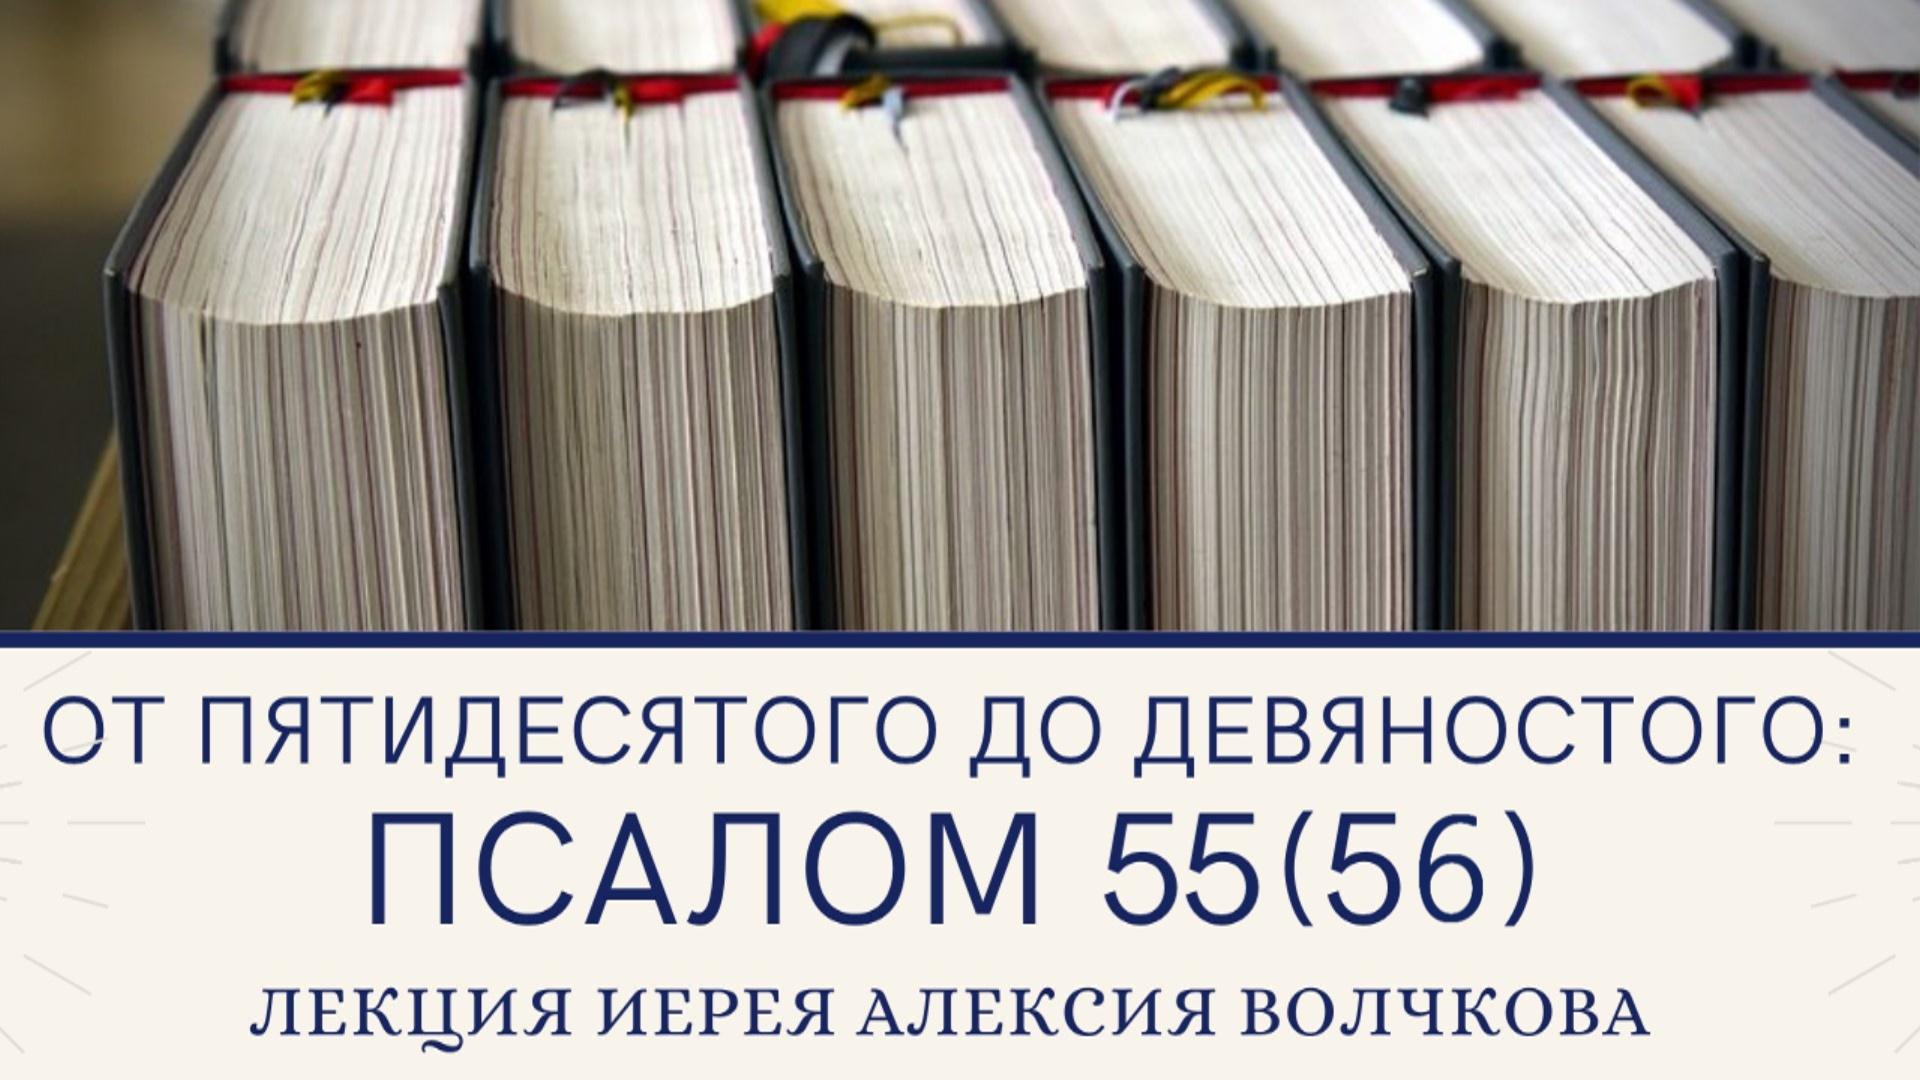 Псалом 55 | Цикл лекций «От пятидесятого до девяностого» в Феодоровском соборе